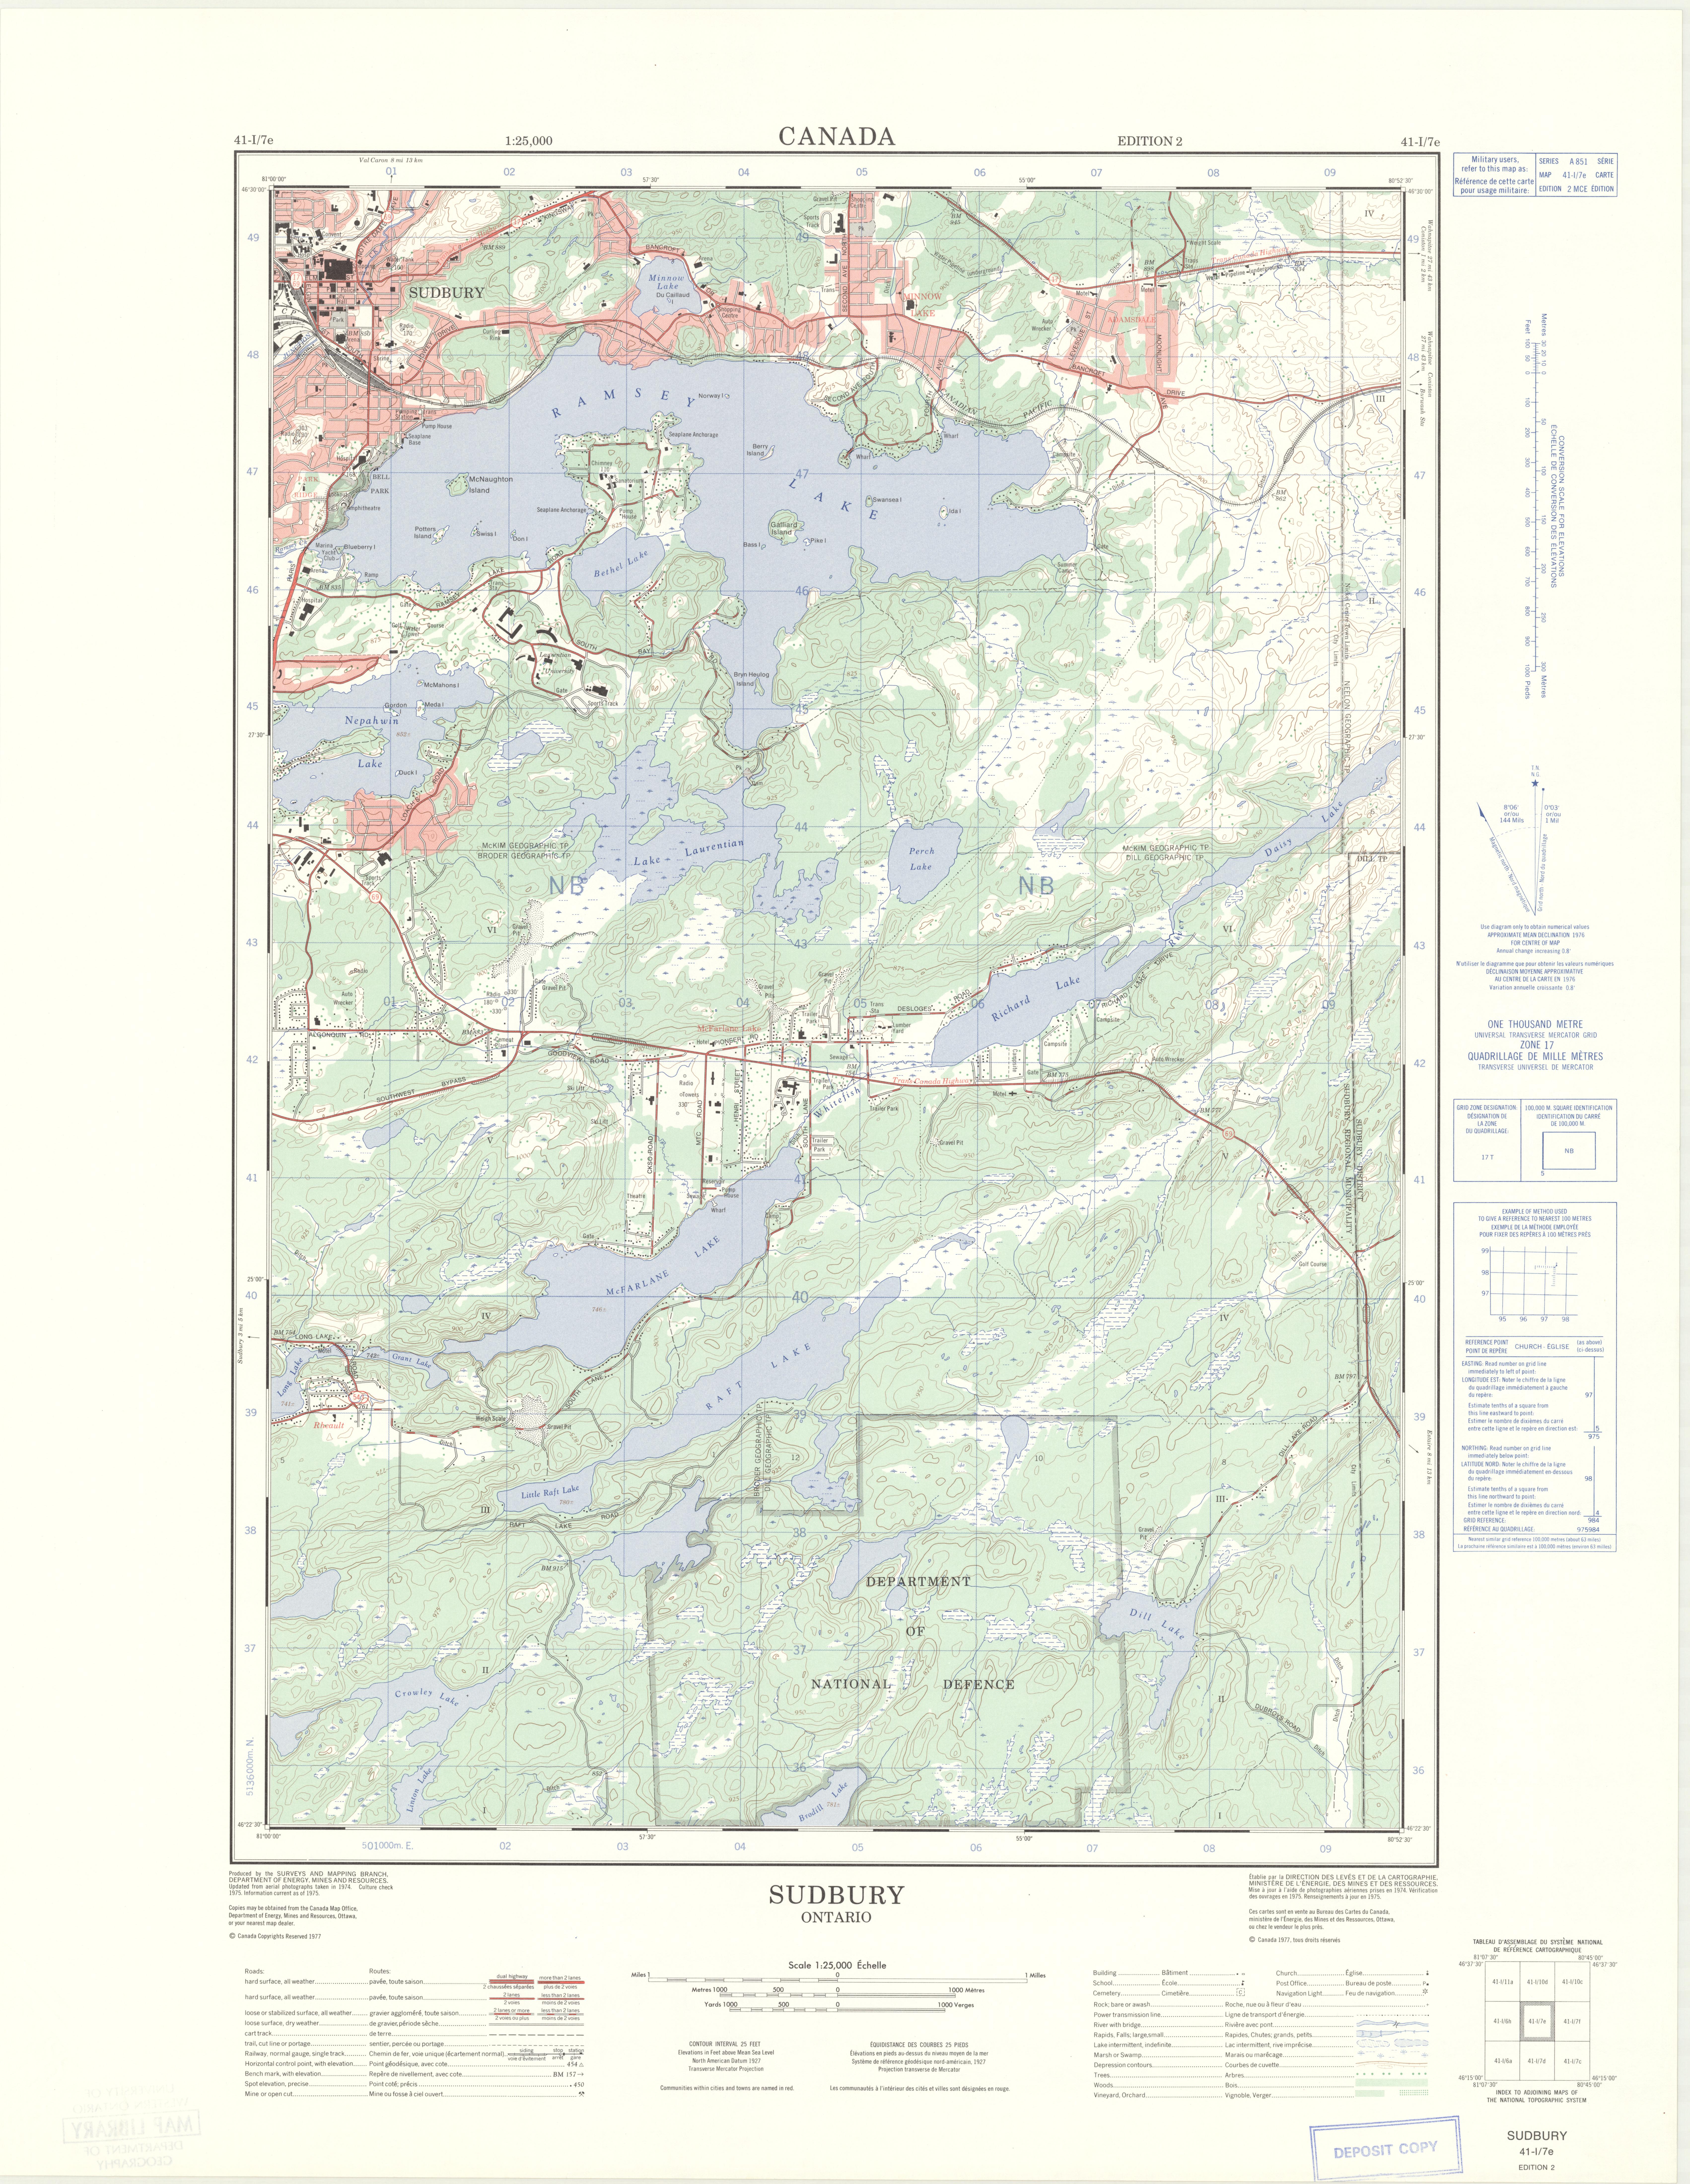 Sudbury Ontario 125000 Map Sheet 041I07E ed 2 1977